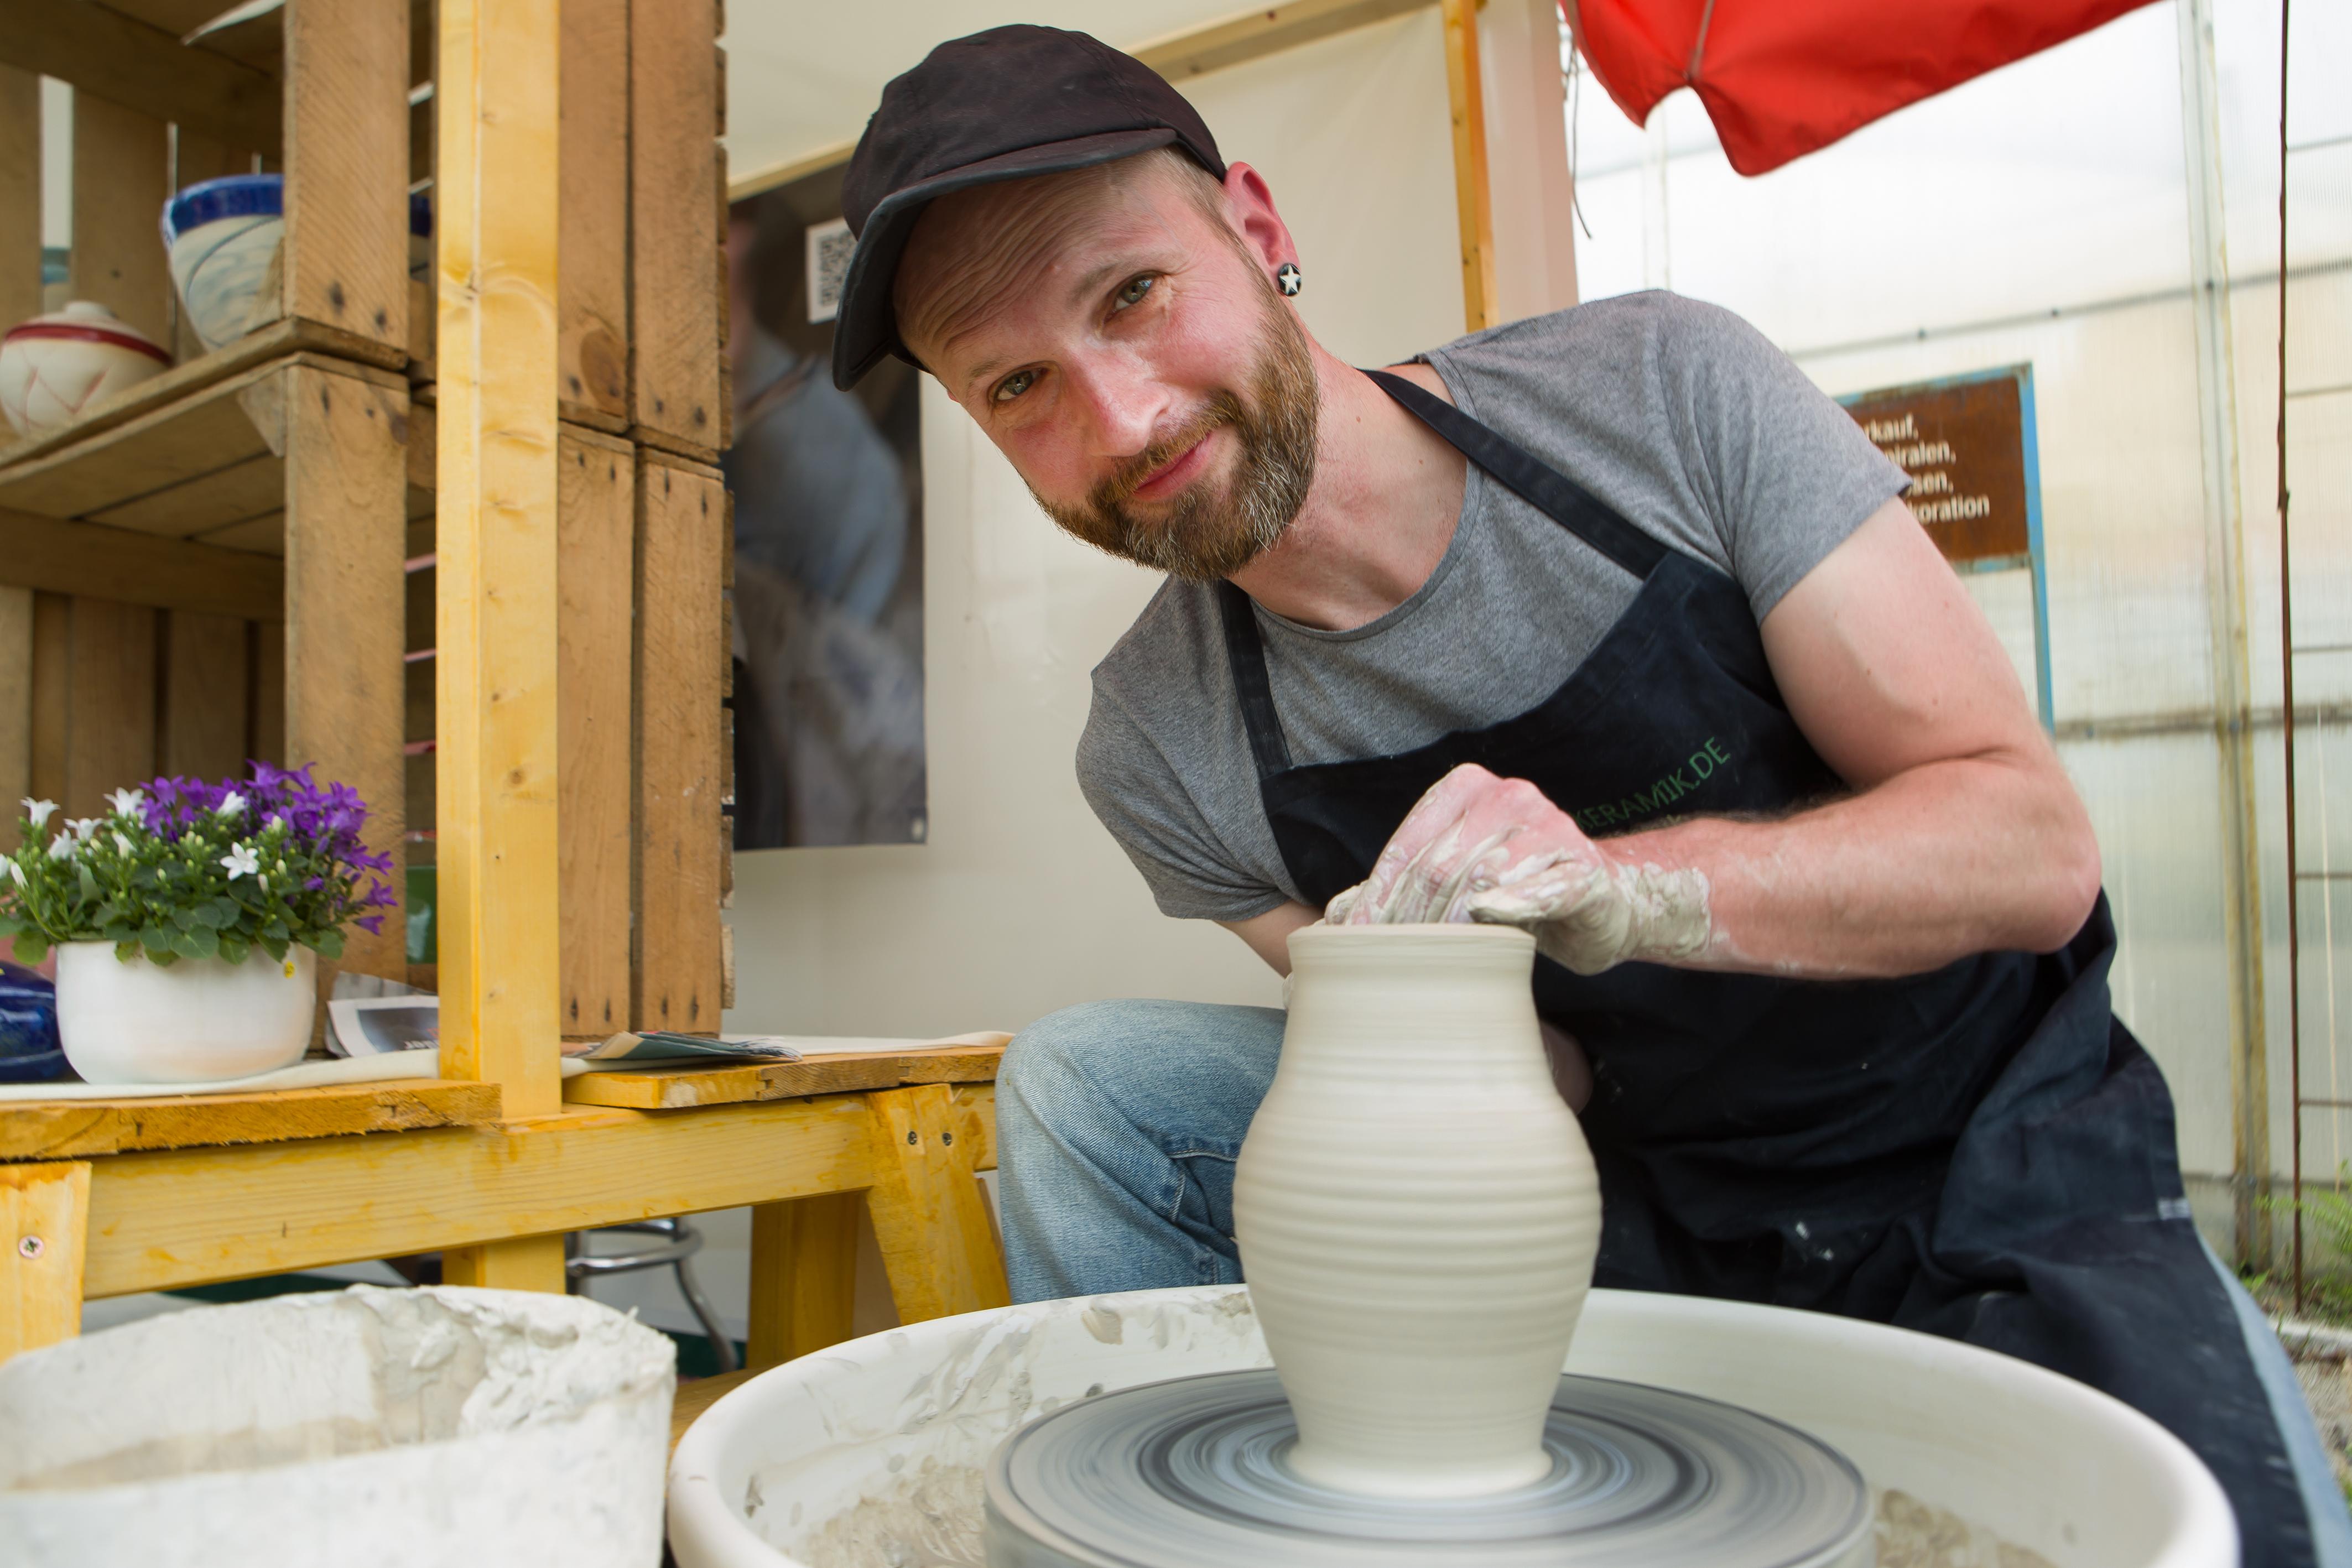 Keramikmeister Michael Sommer beim Töpfern auf der Drehscheibe - Pressefoto, 5,71 MB